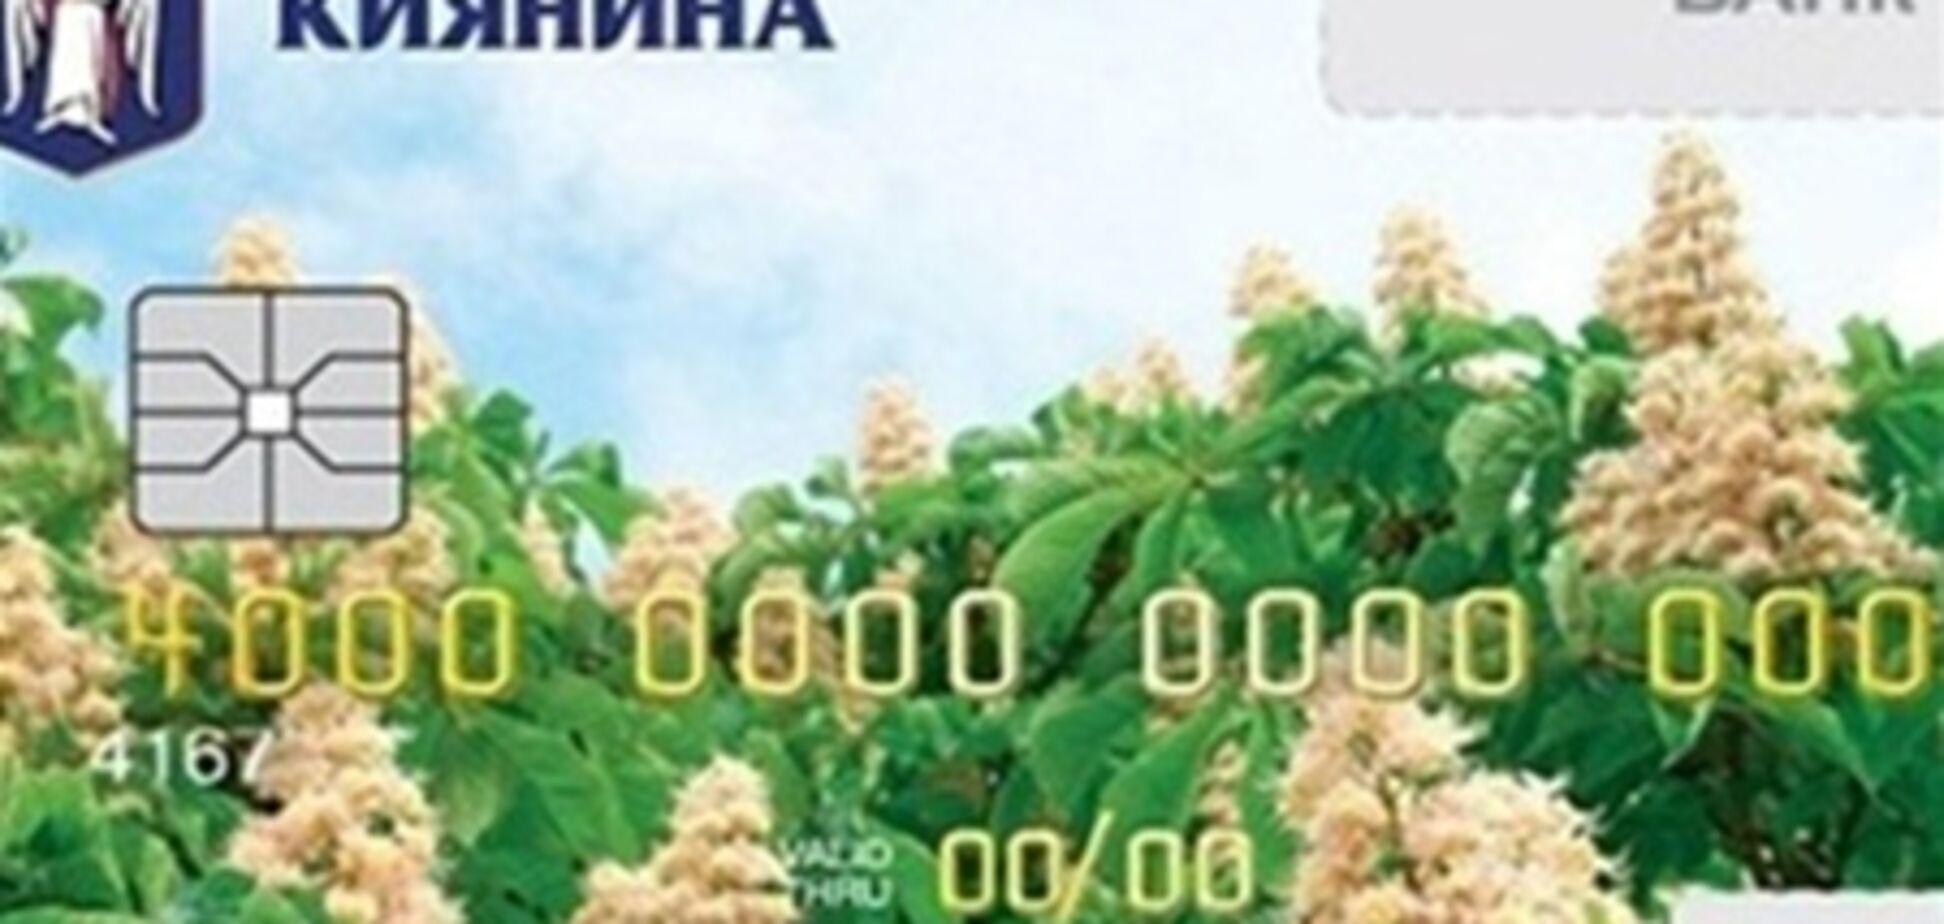 В метро с 'Карточкой киевлянина' ездят 500 человек